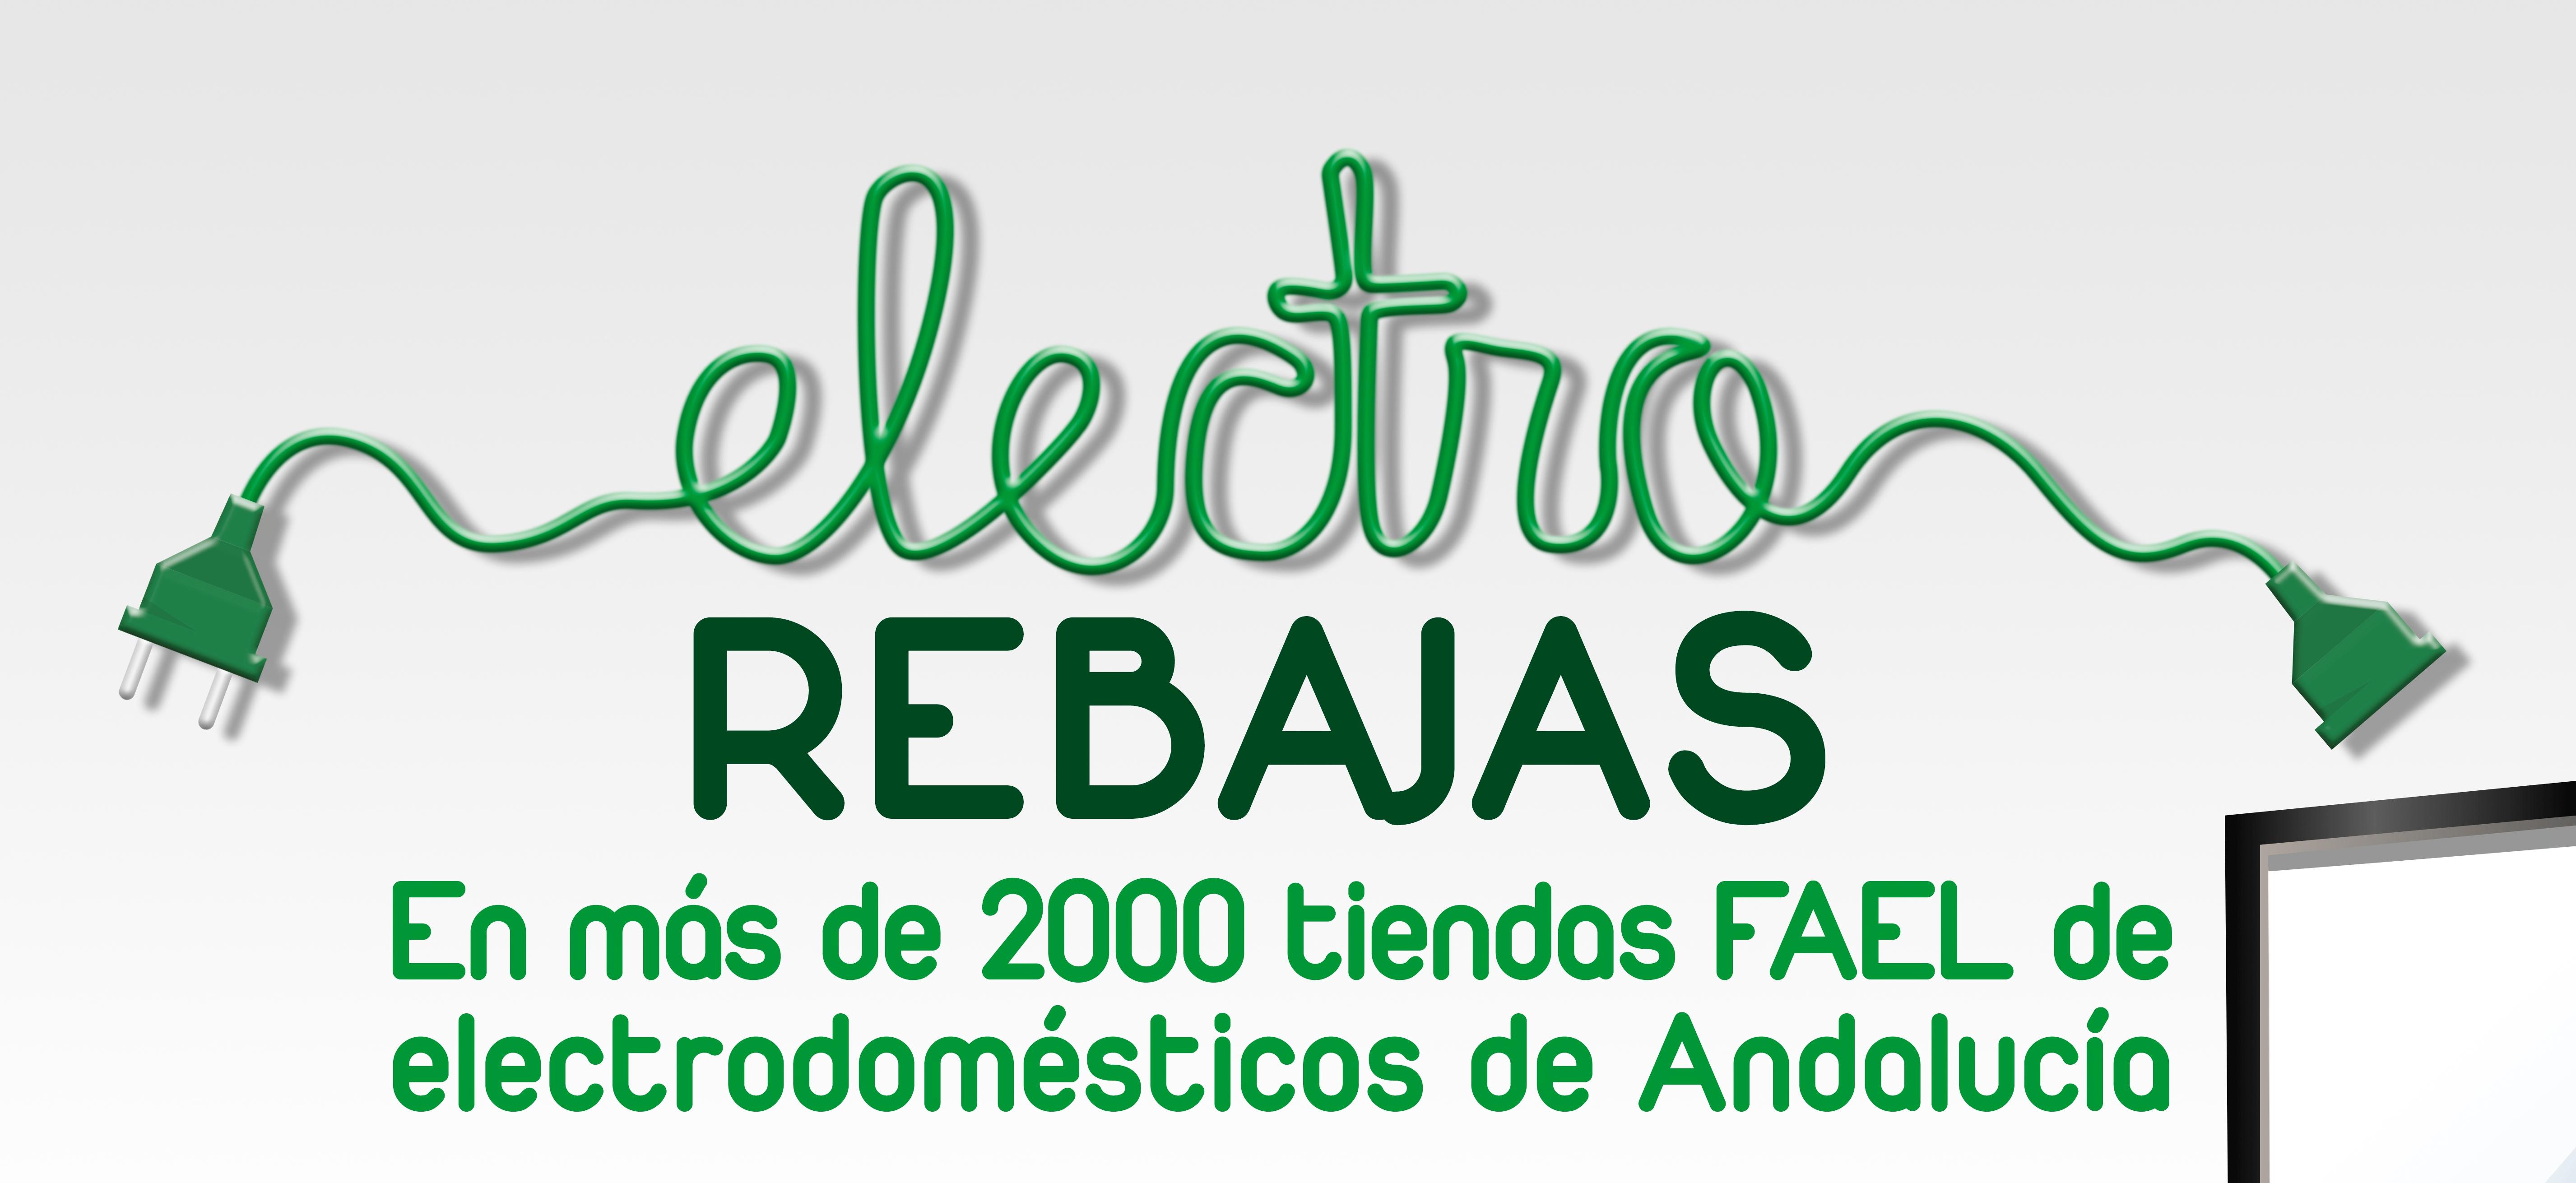 Electro Rebajas #tiendasFAEL